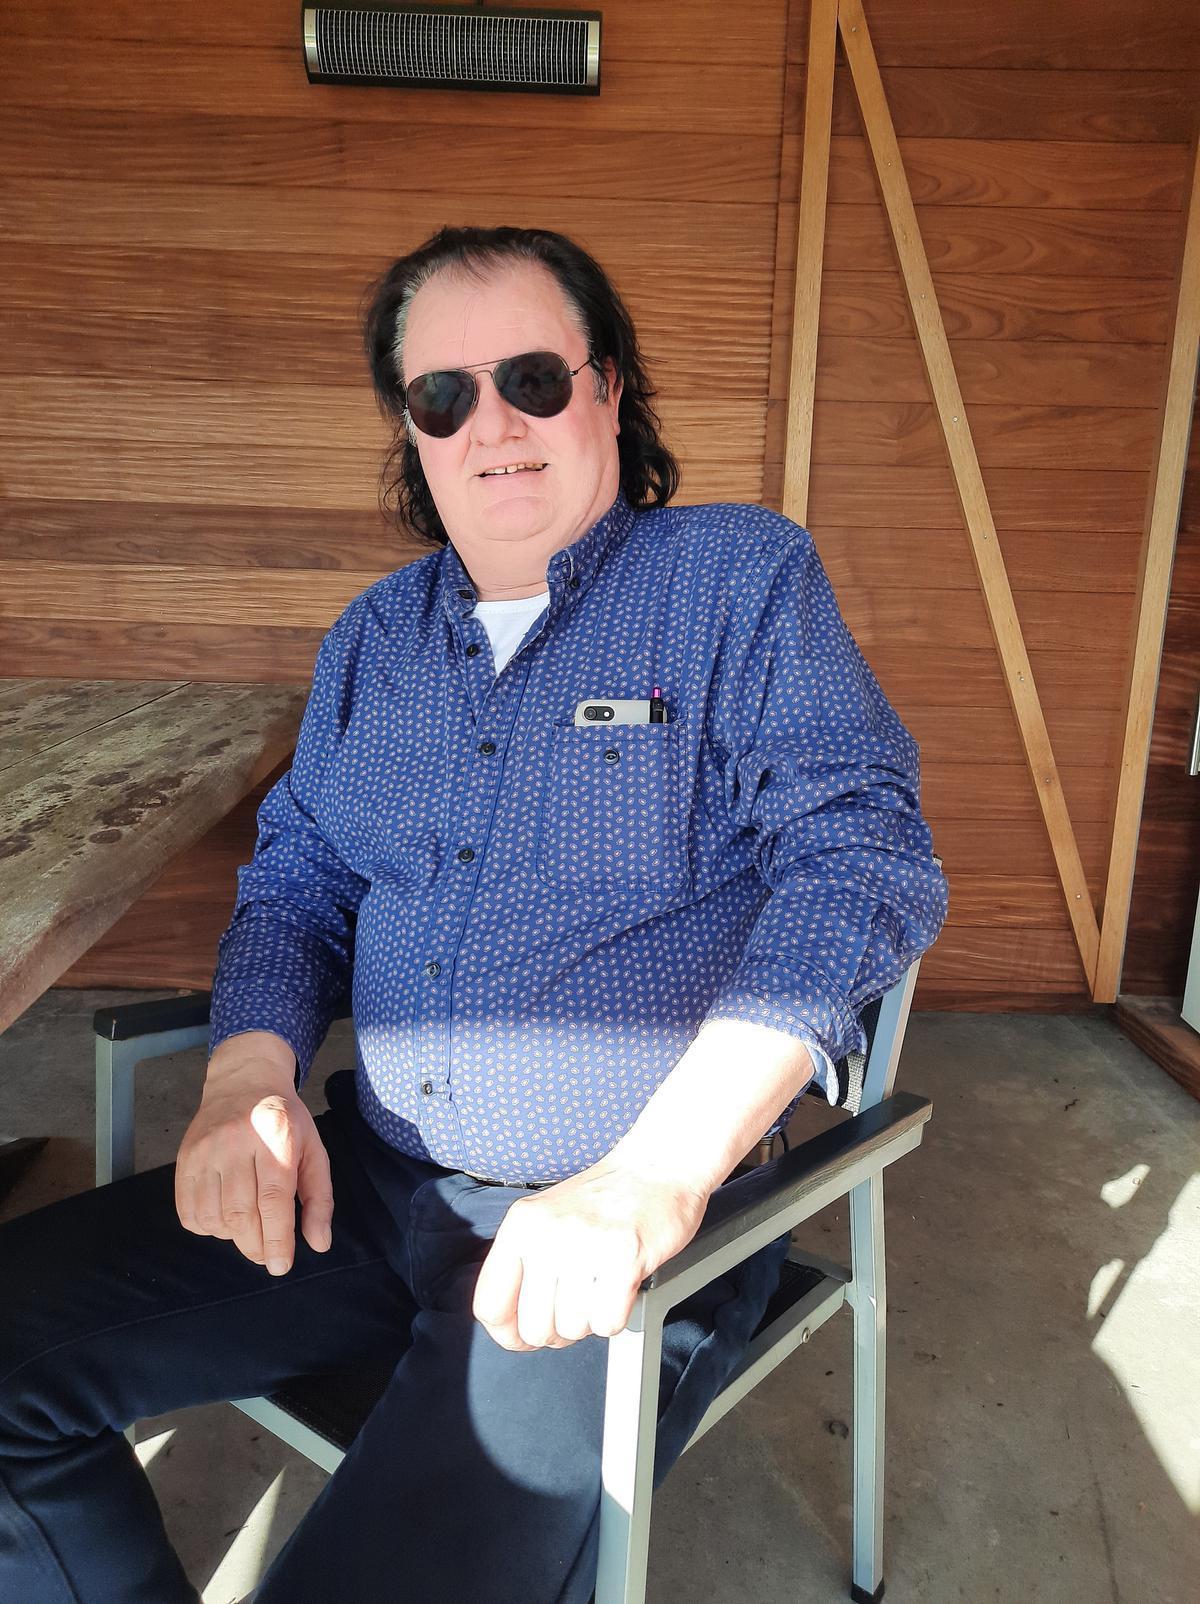 Op zijn 60ste wil Laurens Monteyne graag genieten van het leven.